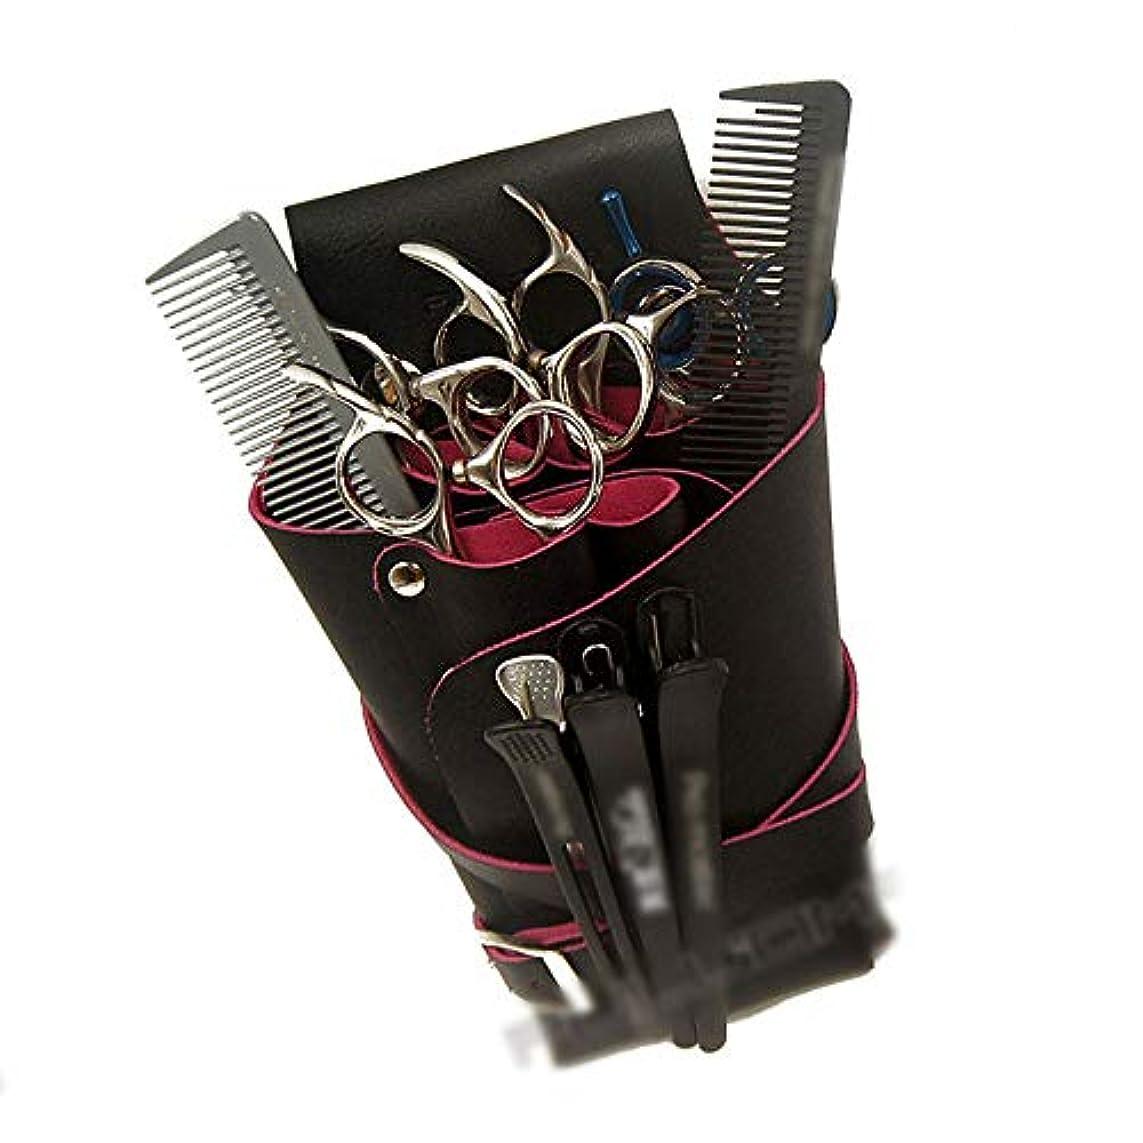 未満文明設計ショルダーベルト美容理髪ポーチ理髪くしでシザーホルスター モデリングツール (色 : 黒)